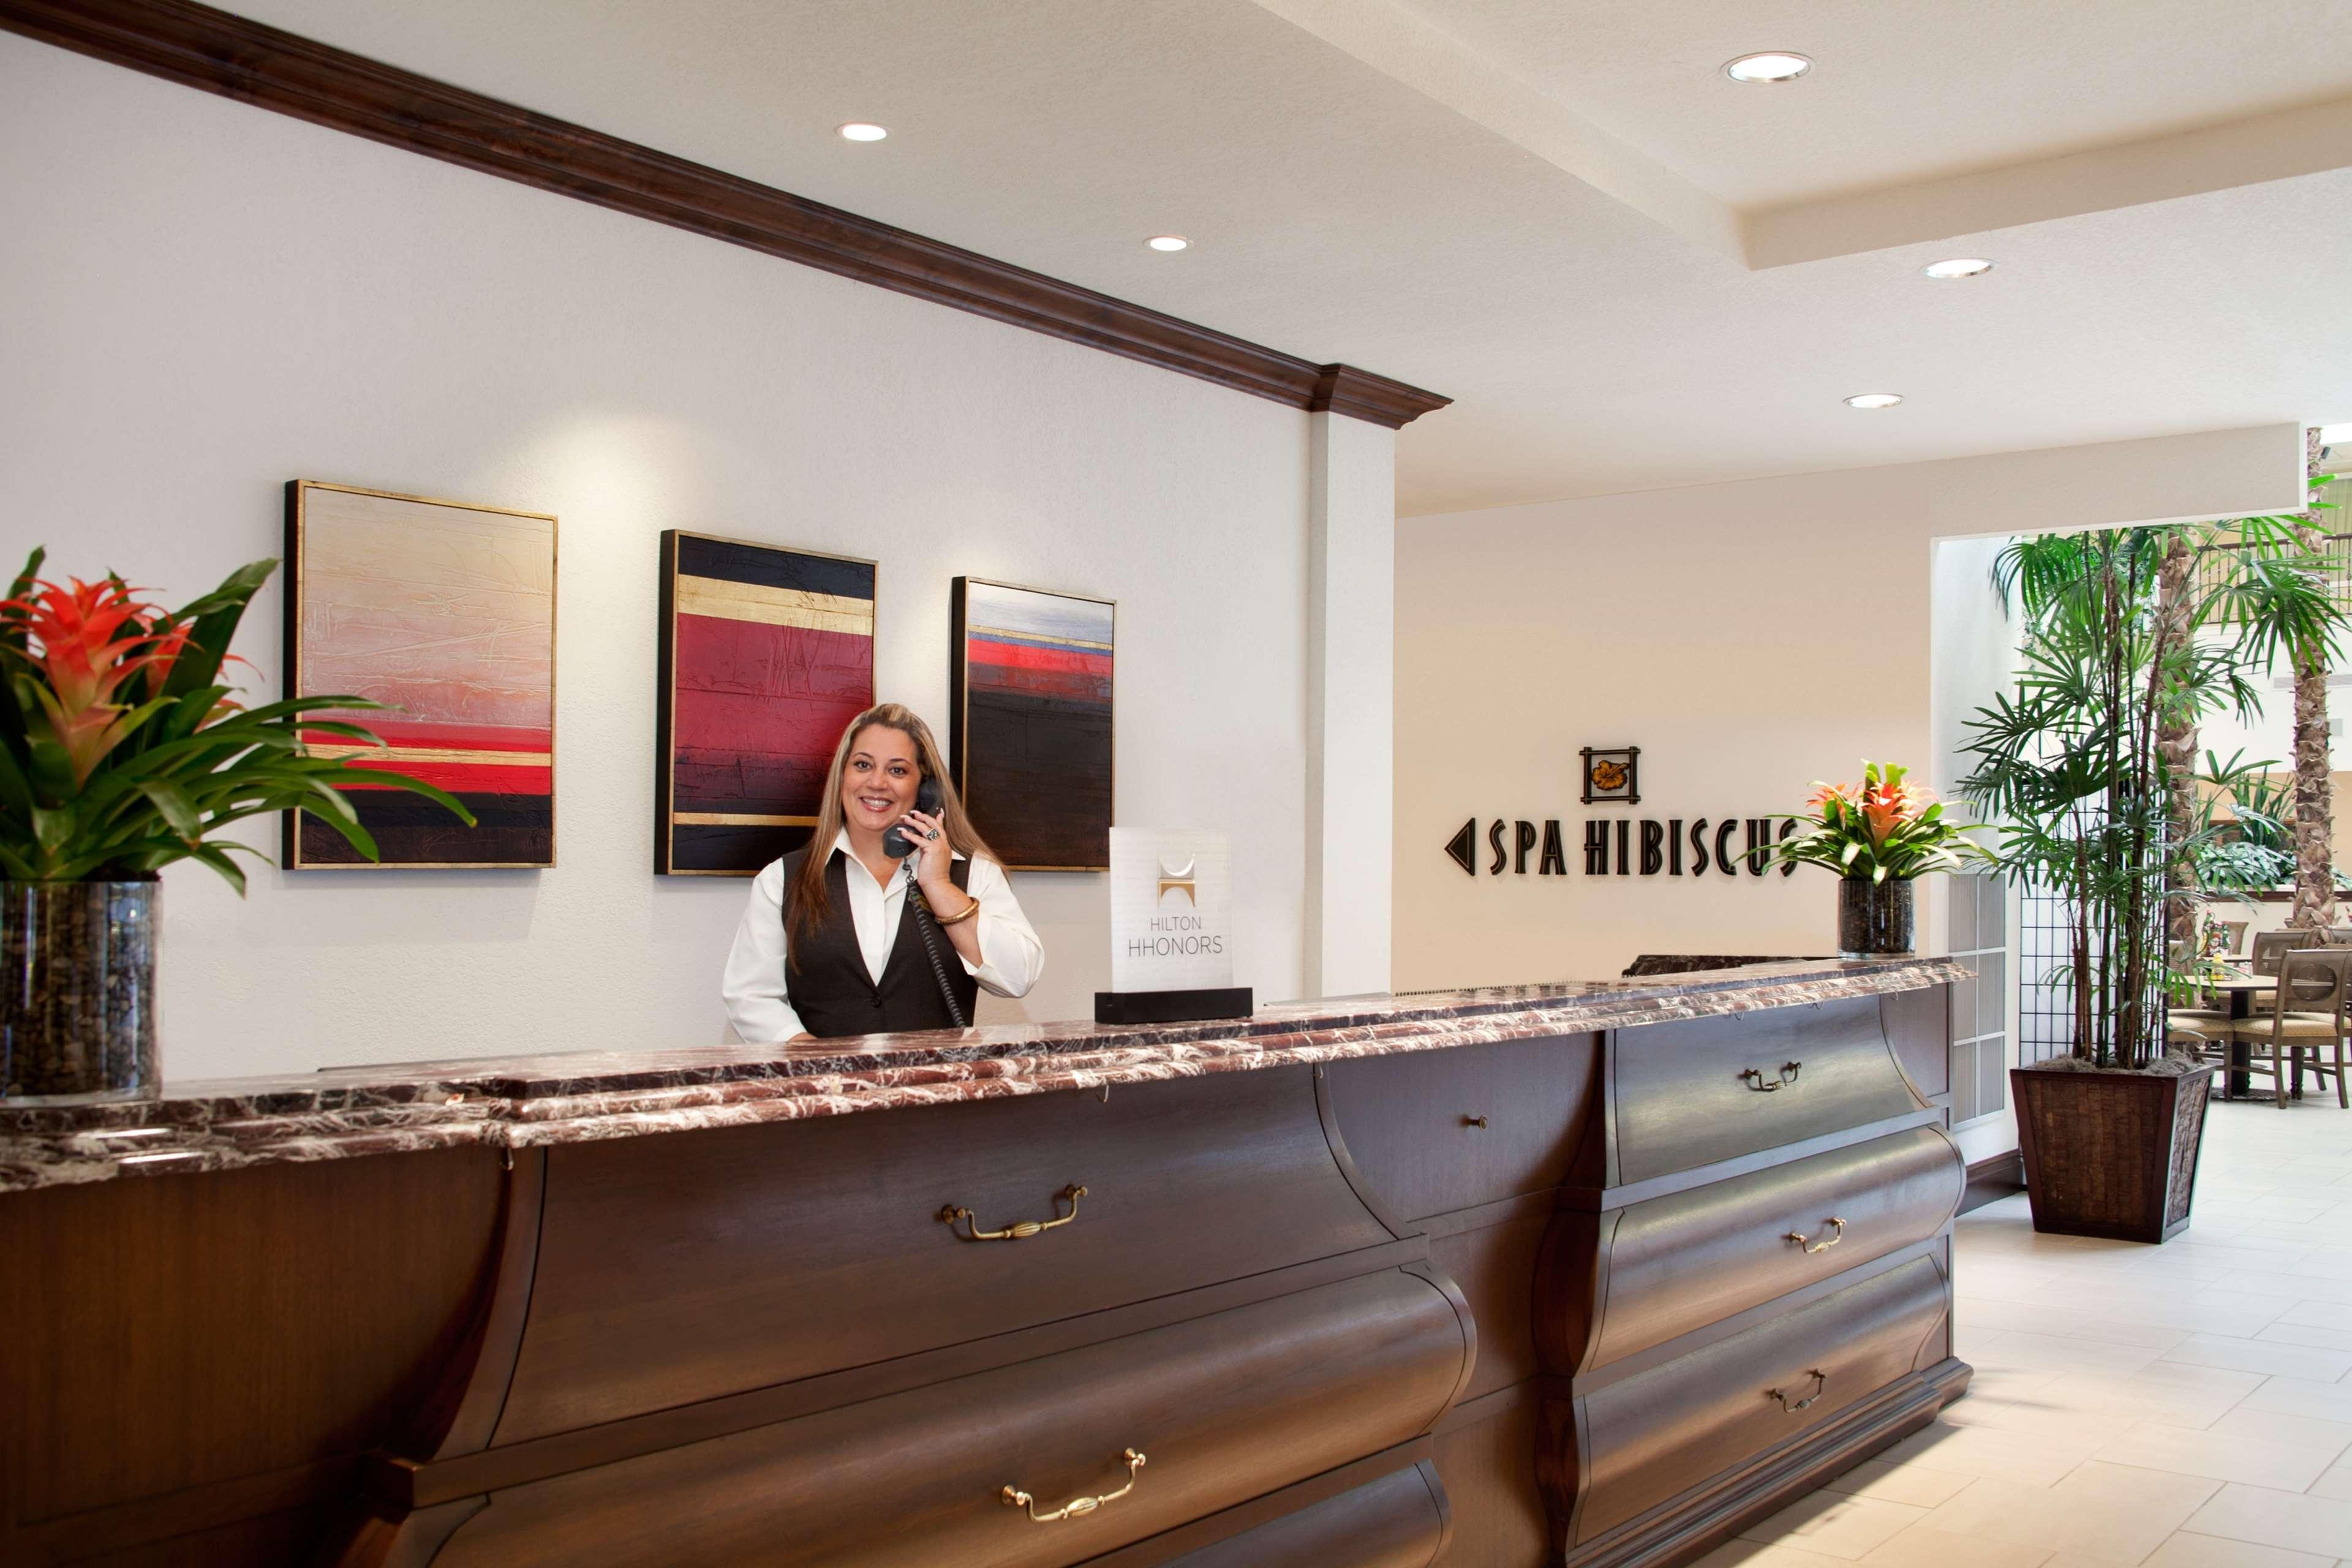 Embassy Suites by Hilton La Quinta Hotel & Spa image 6